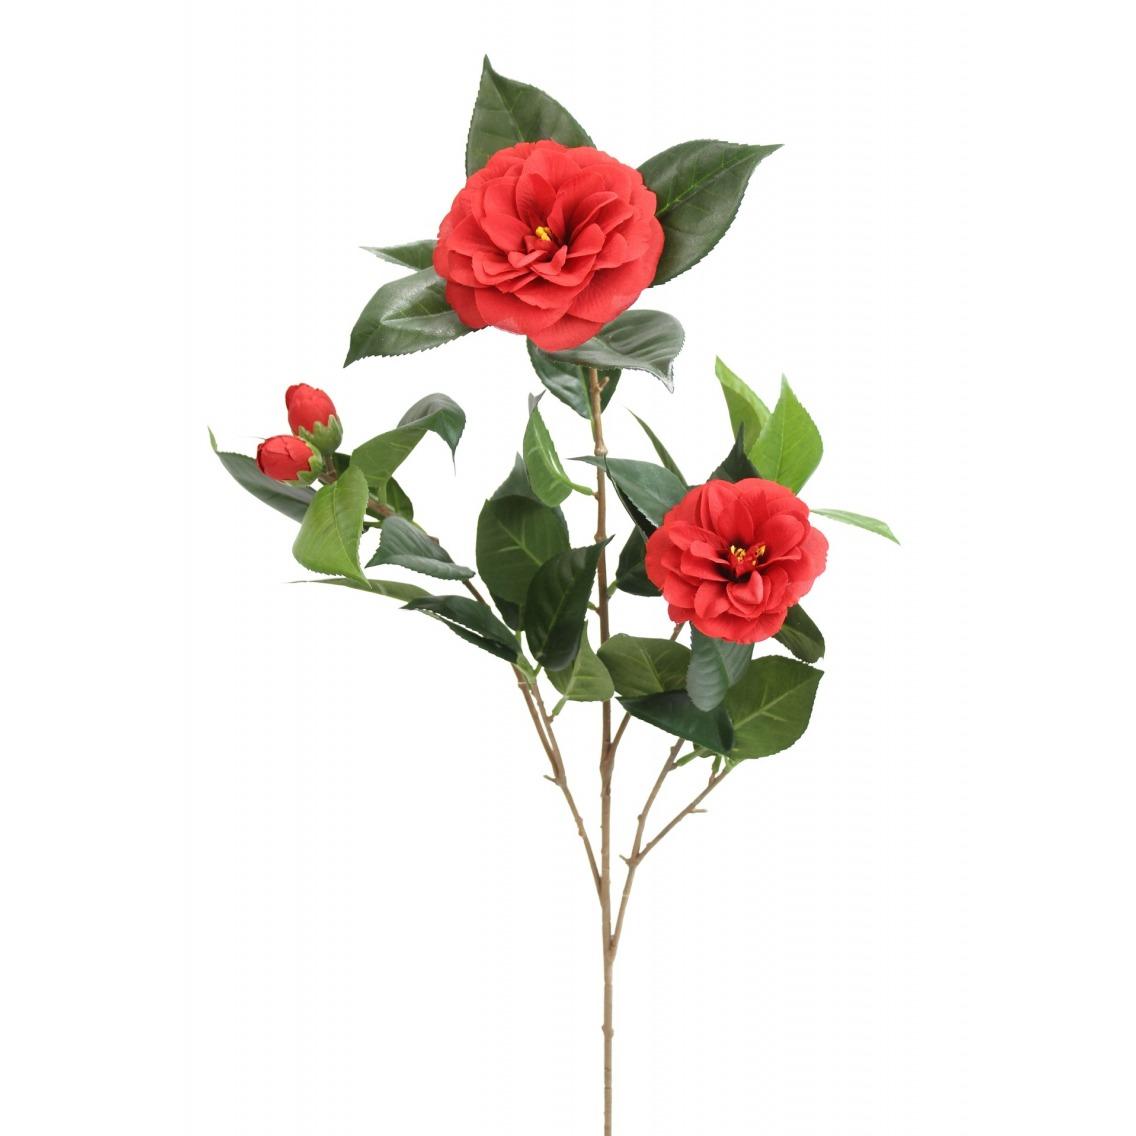 Branche de camélia fleurie